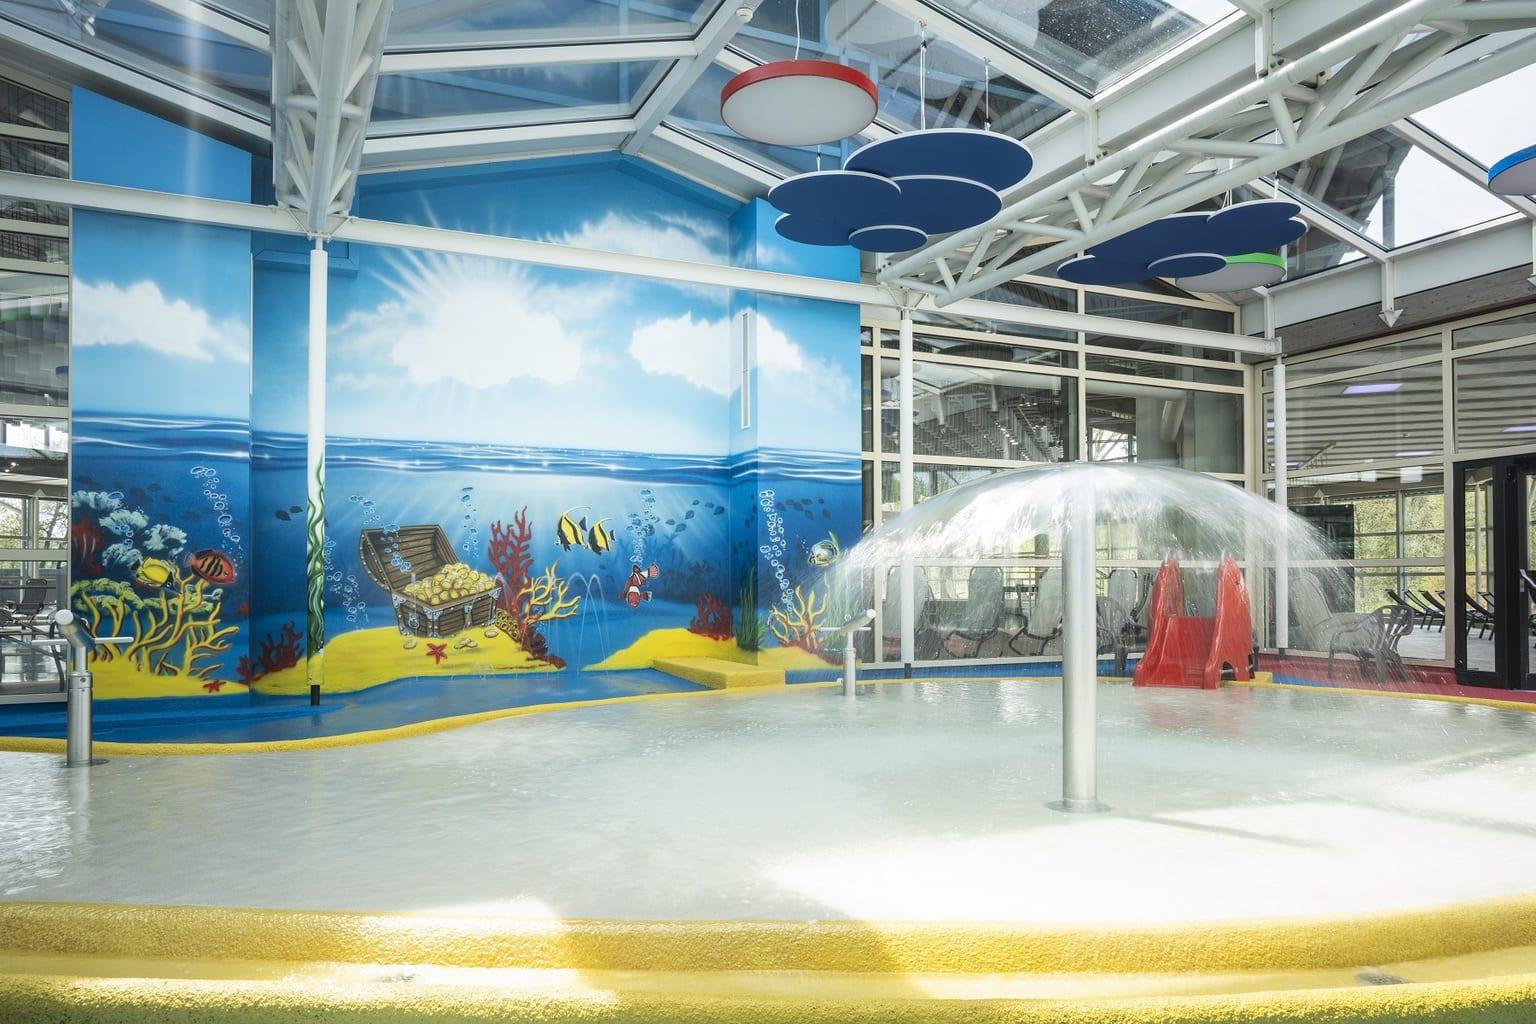 Het kinderbad in de Altmühltherme in Treuchtlingen